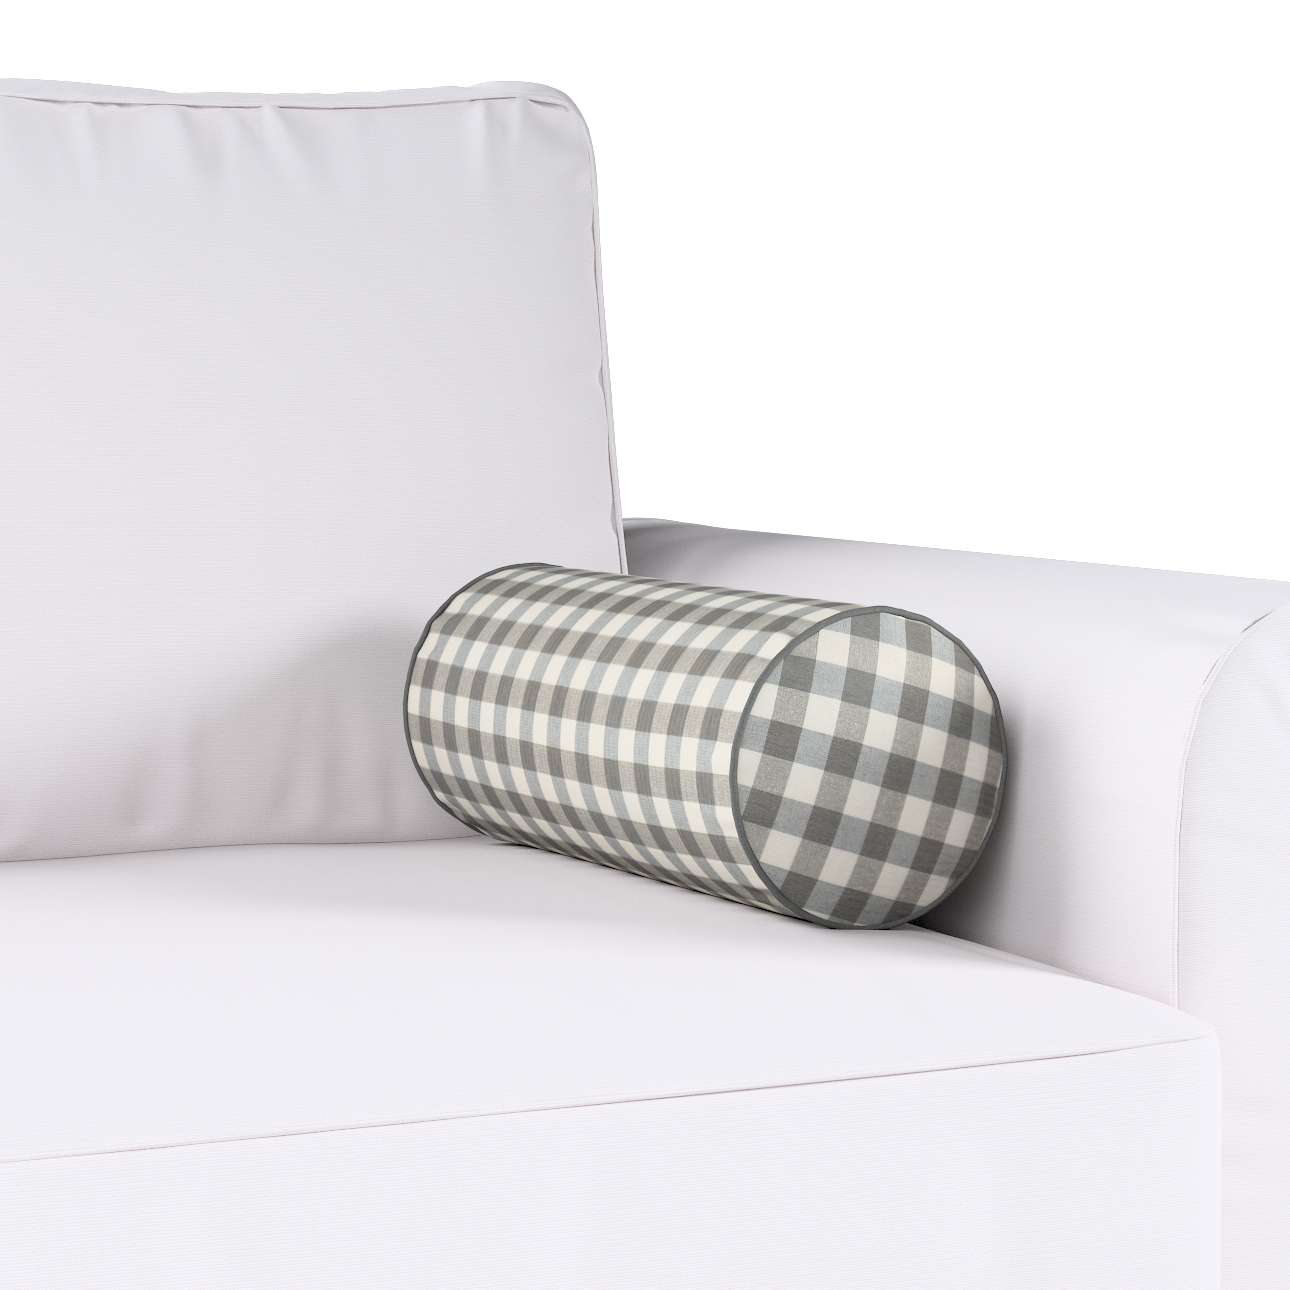 Poduszka wałek prosty Ø16x40cm w kolekcji Quadro, tkanina: 136-11